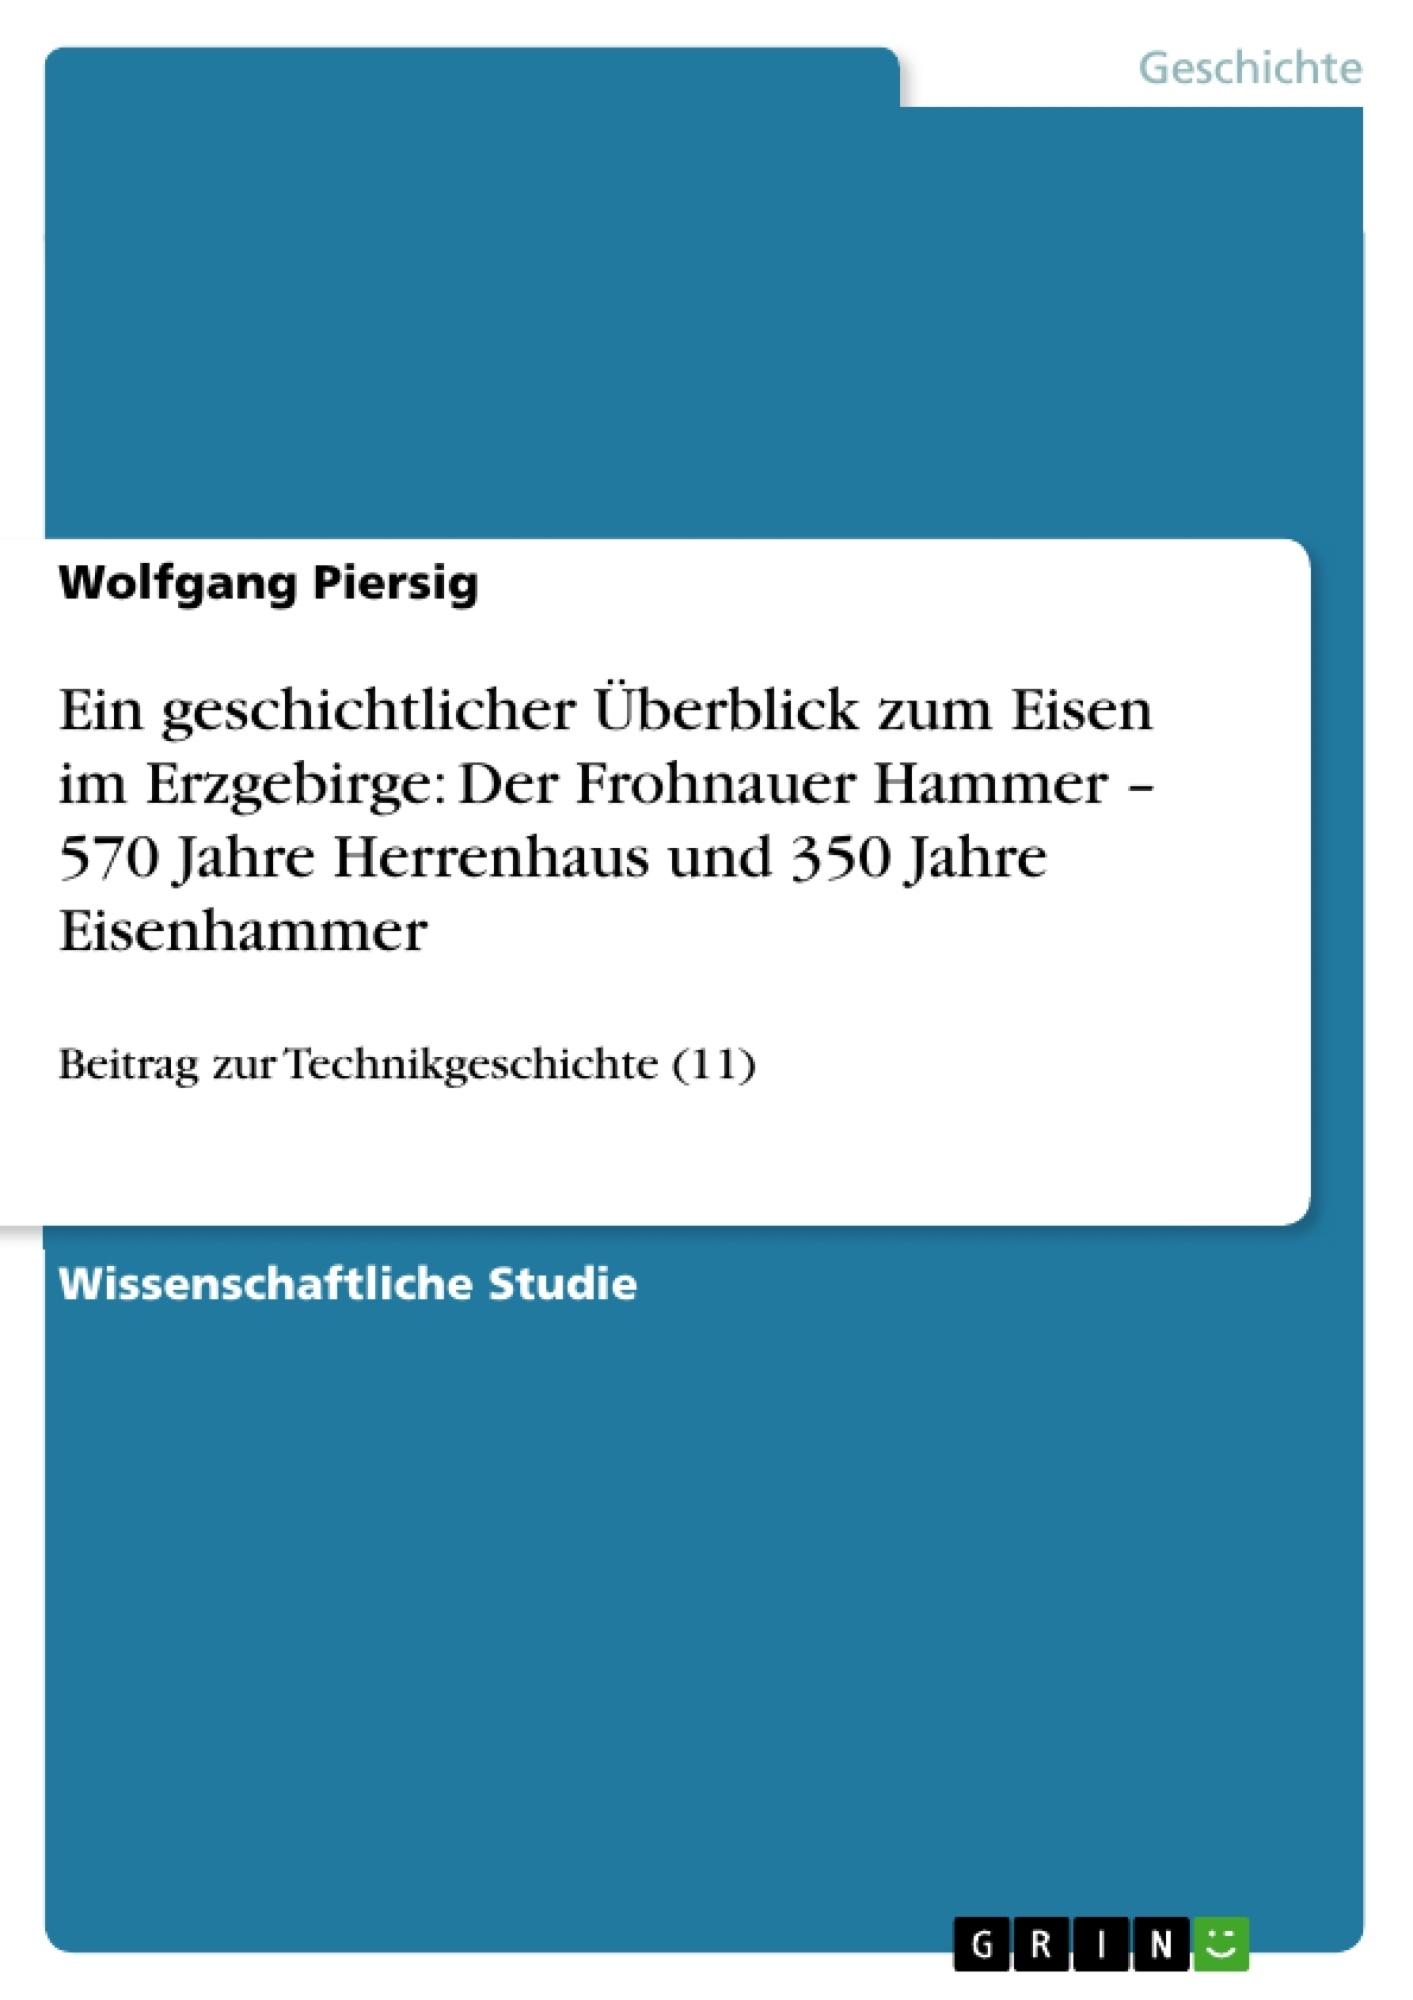 Titel: Ein geschichtlicher Überblick zum Eisen im Erzgebirge: Der Frohnauer Hammer – 570 Jahre Herrenhaus und 350 Jahre Eisenhammer